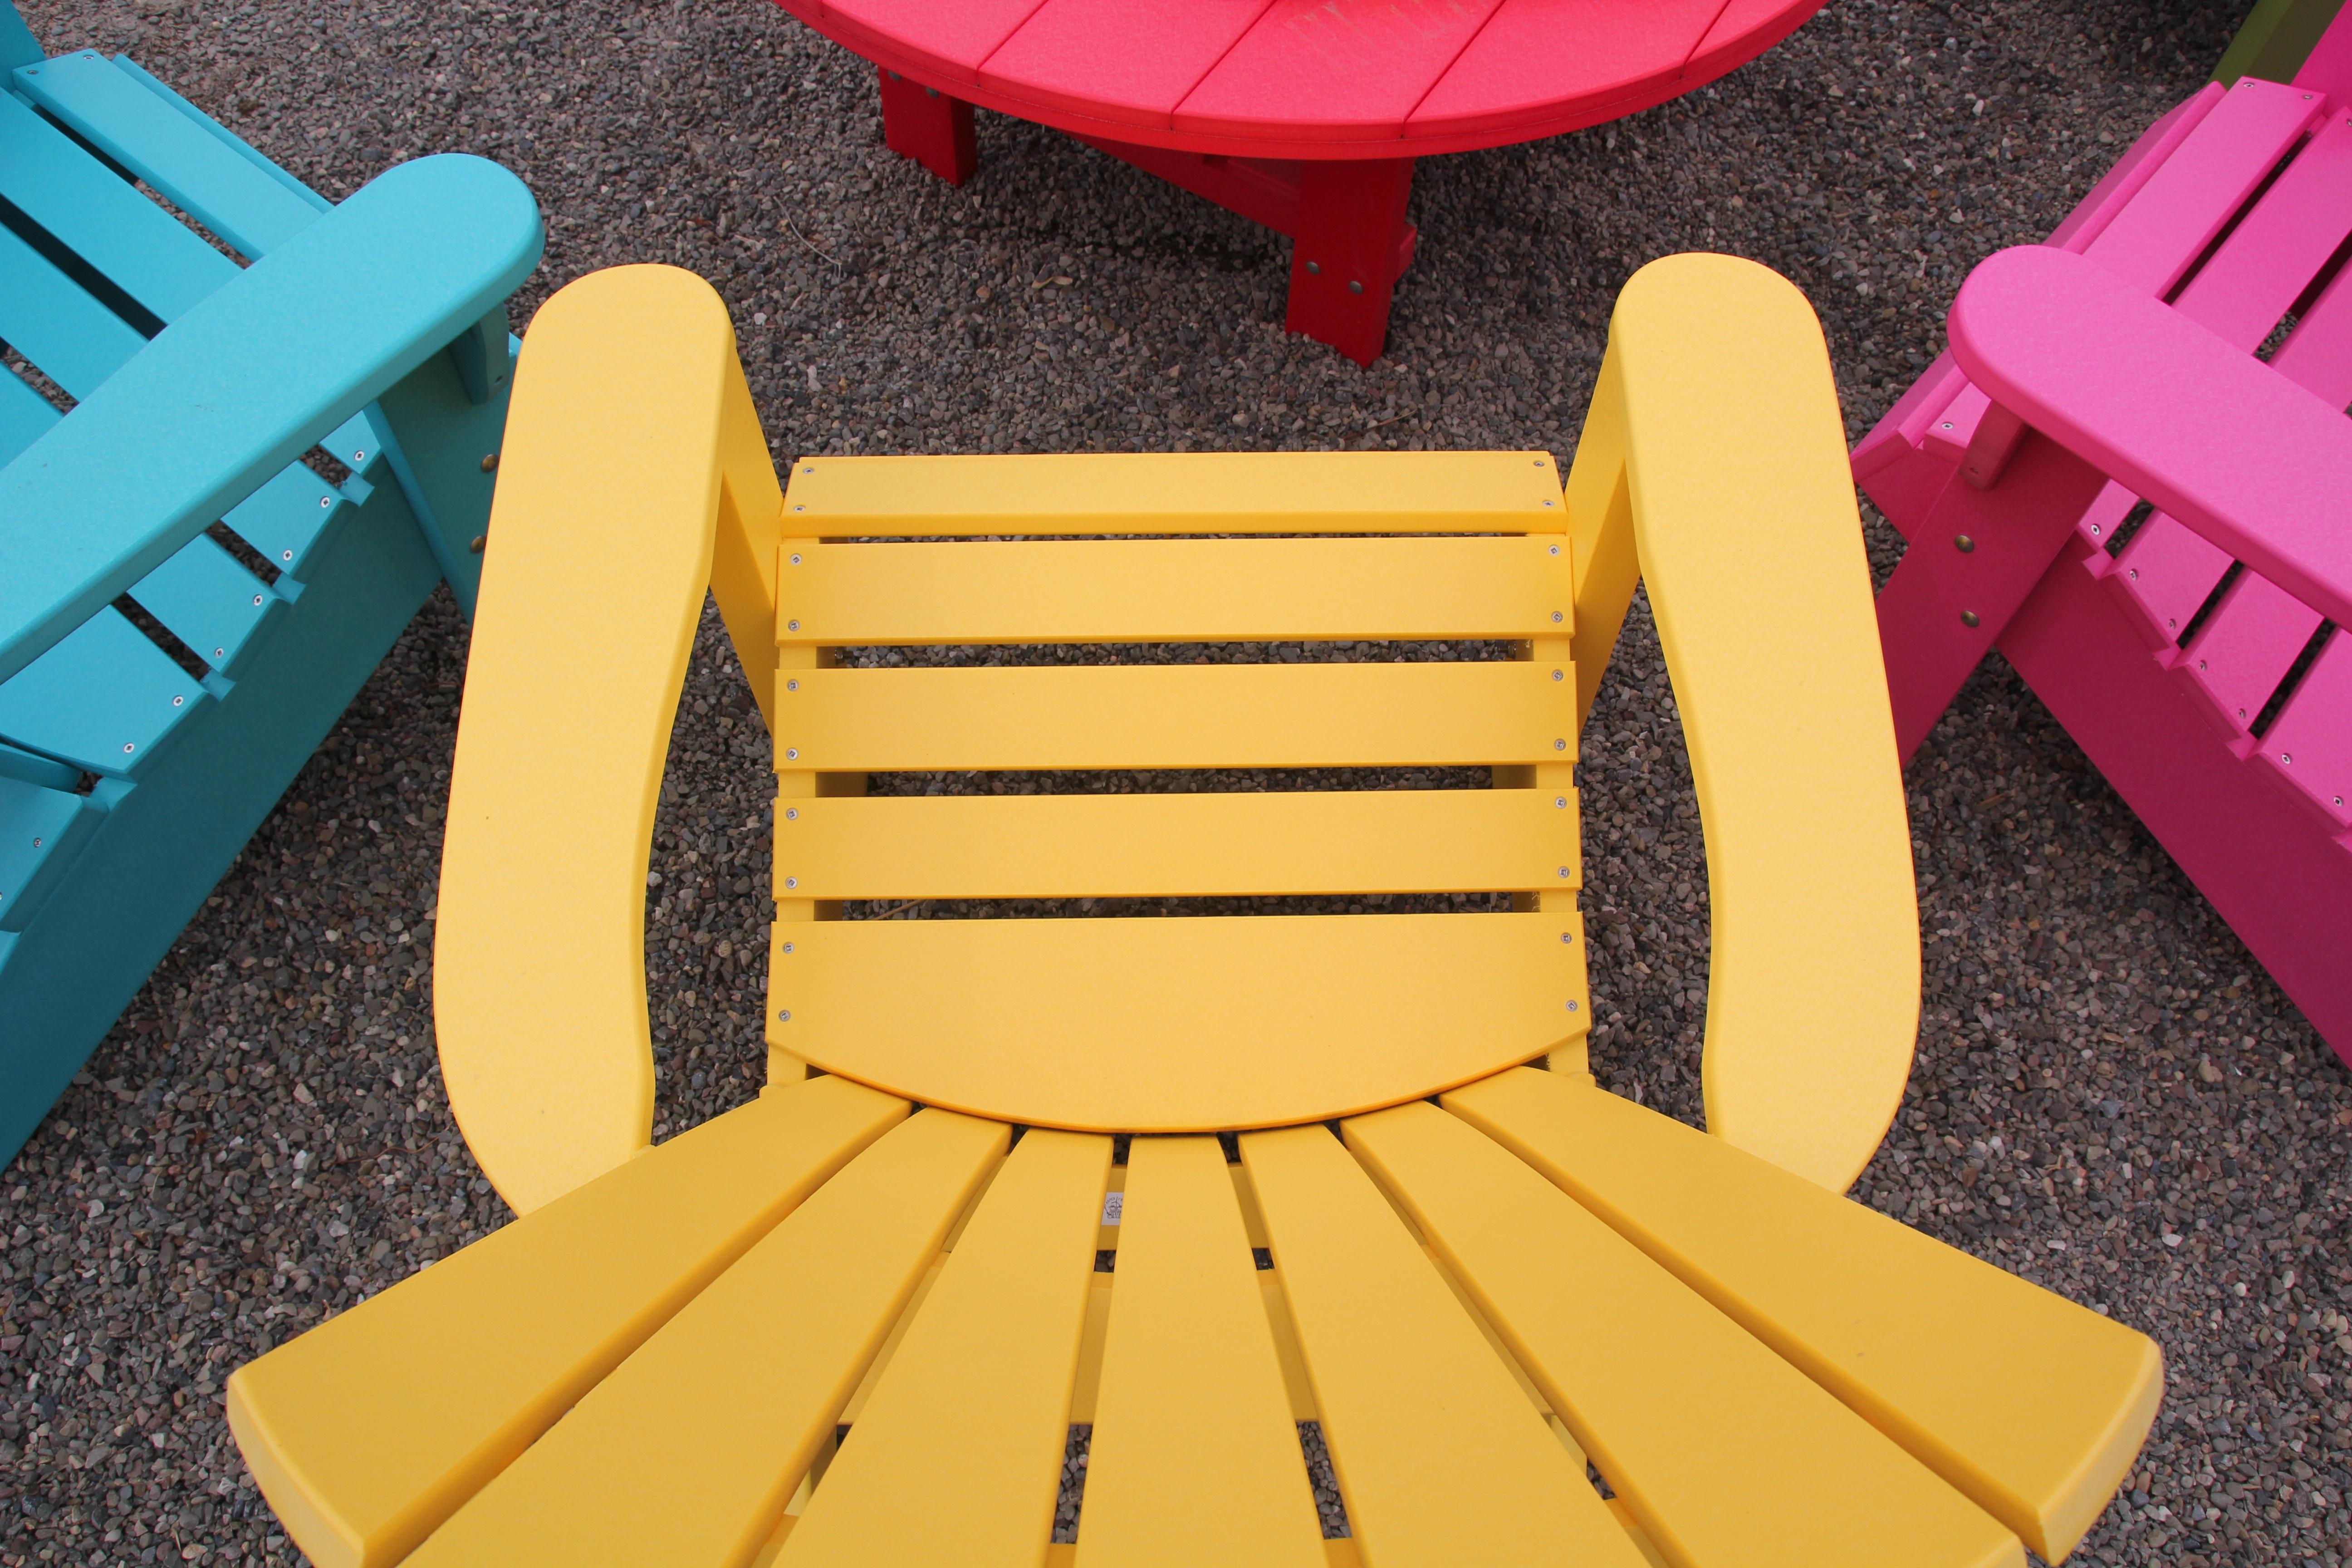 Fotos gratis : al aire libre, cubierta, jugar, silla, verano ...